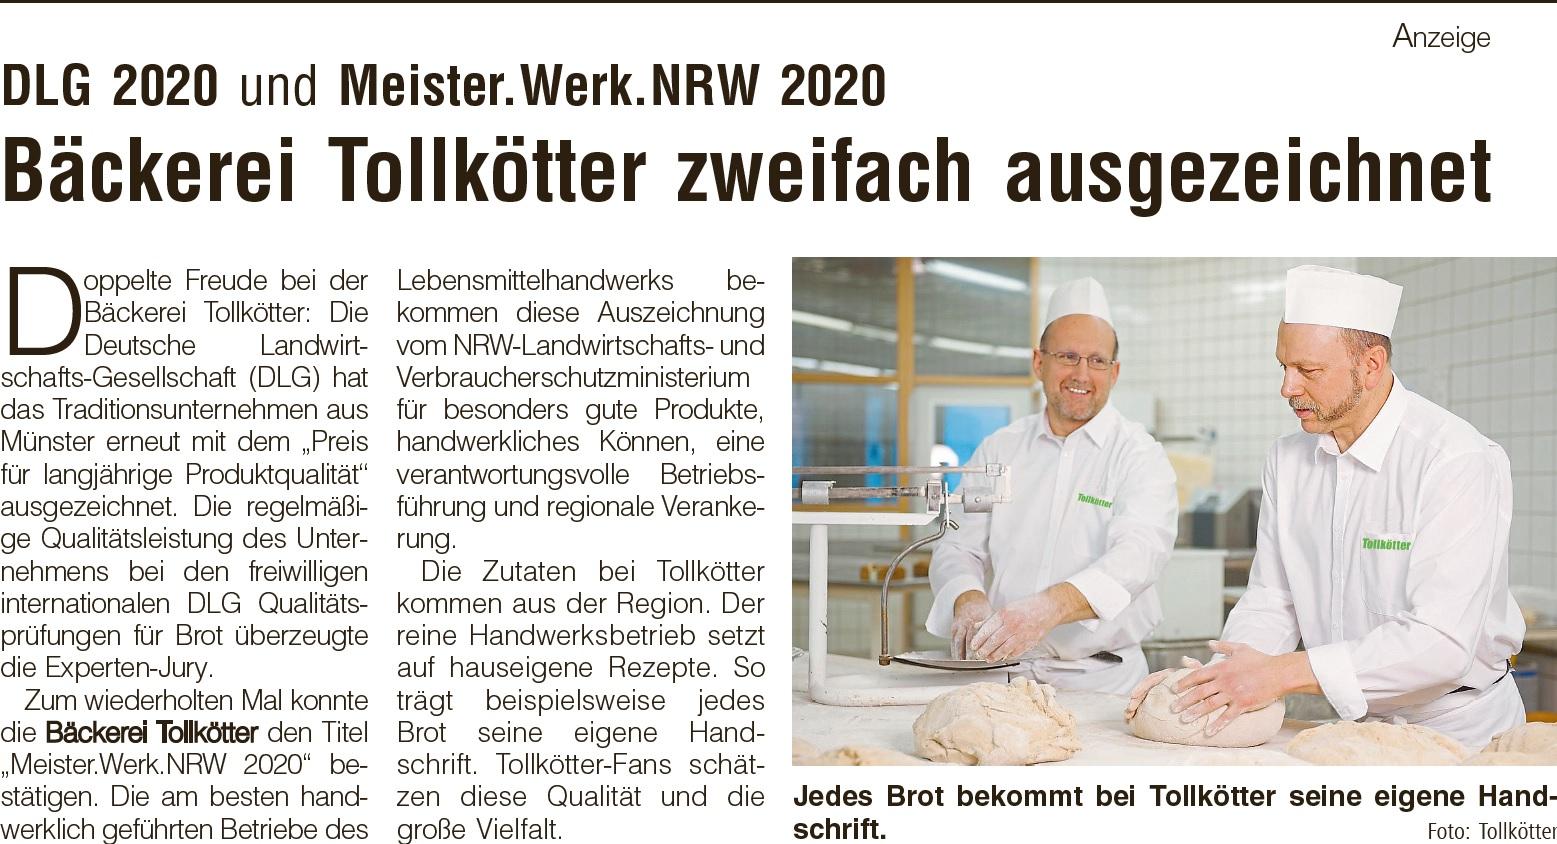 Anzeige in der WN am 21.05.2020 DLG + Meister Werk NRW